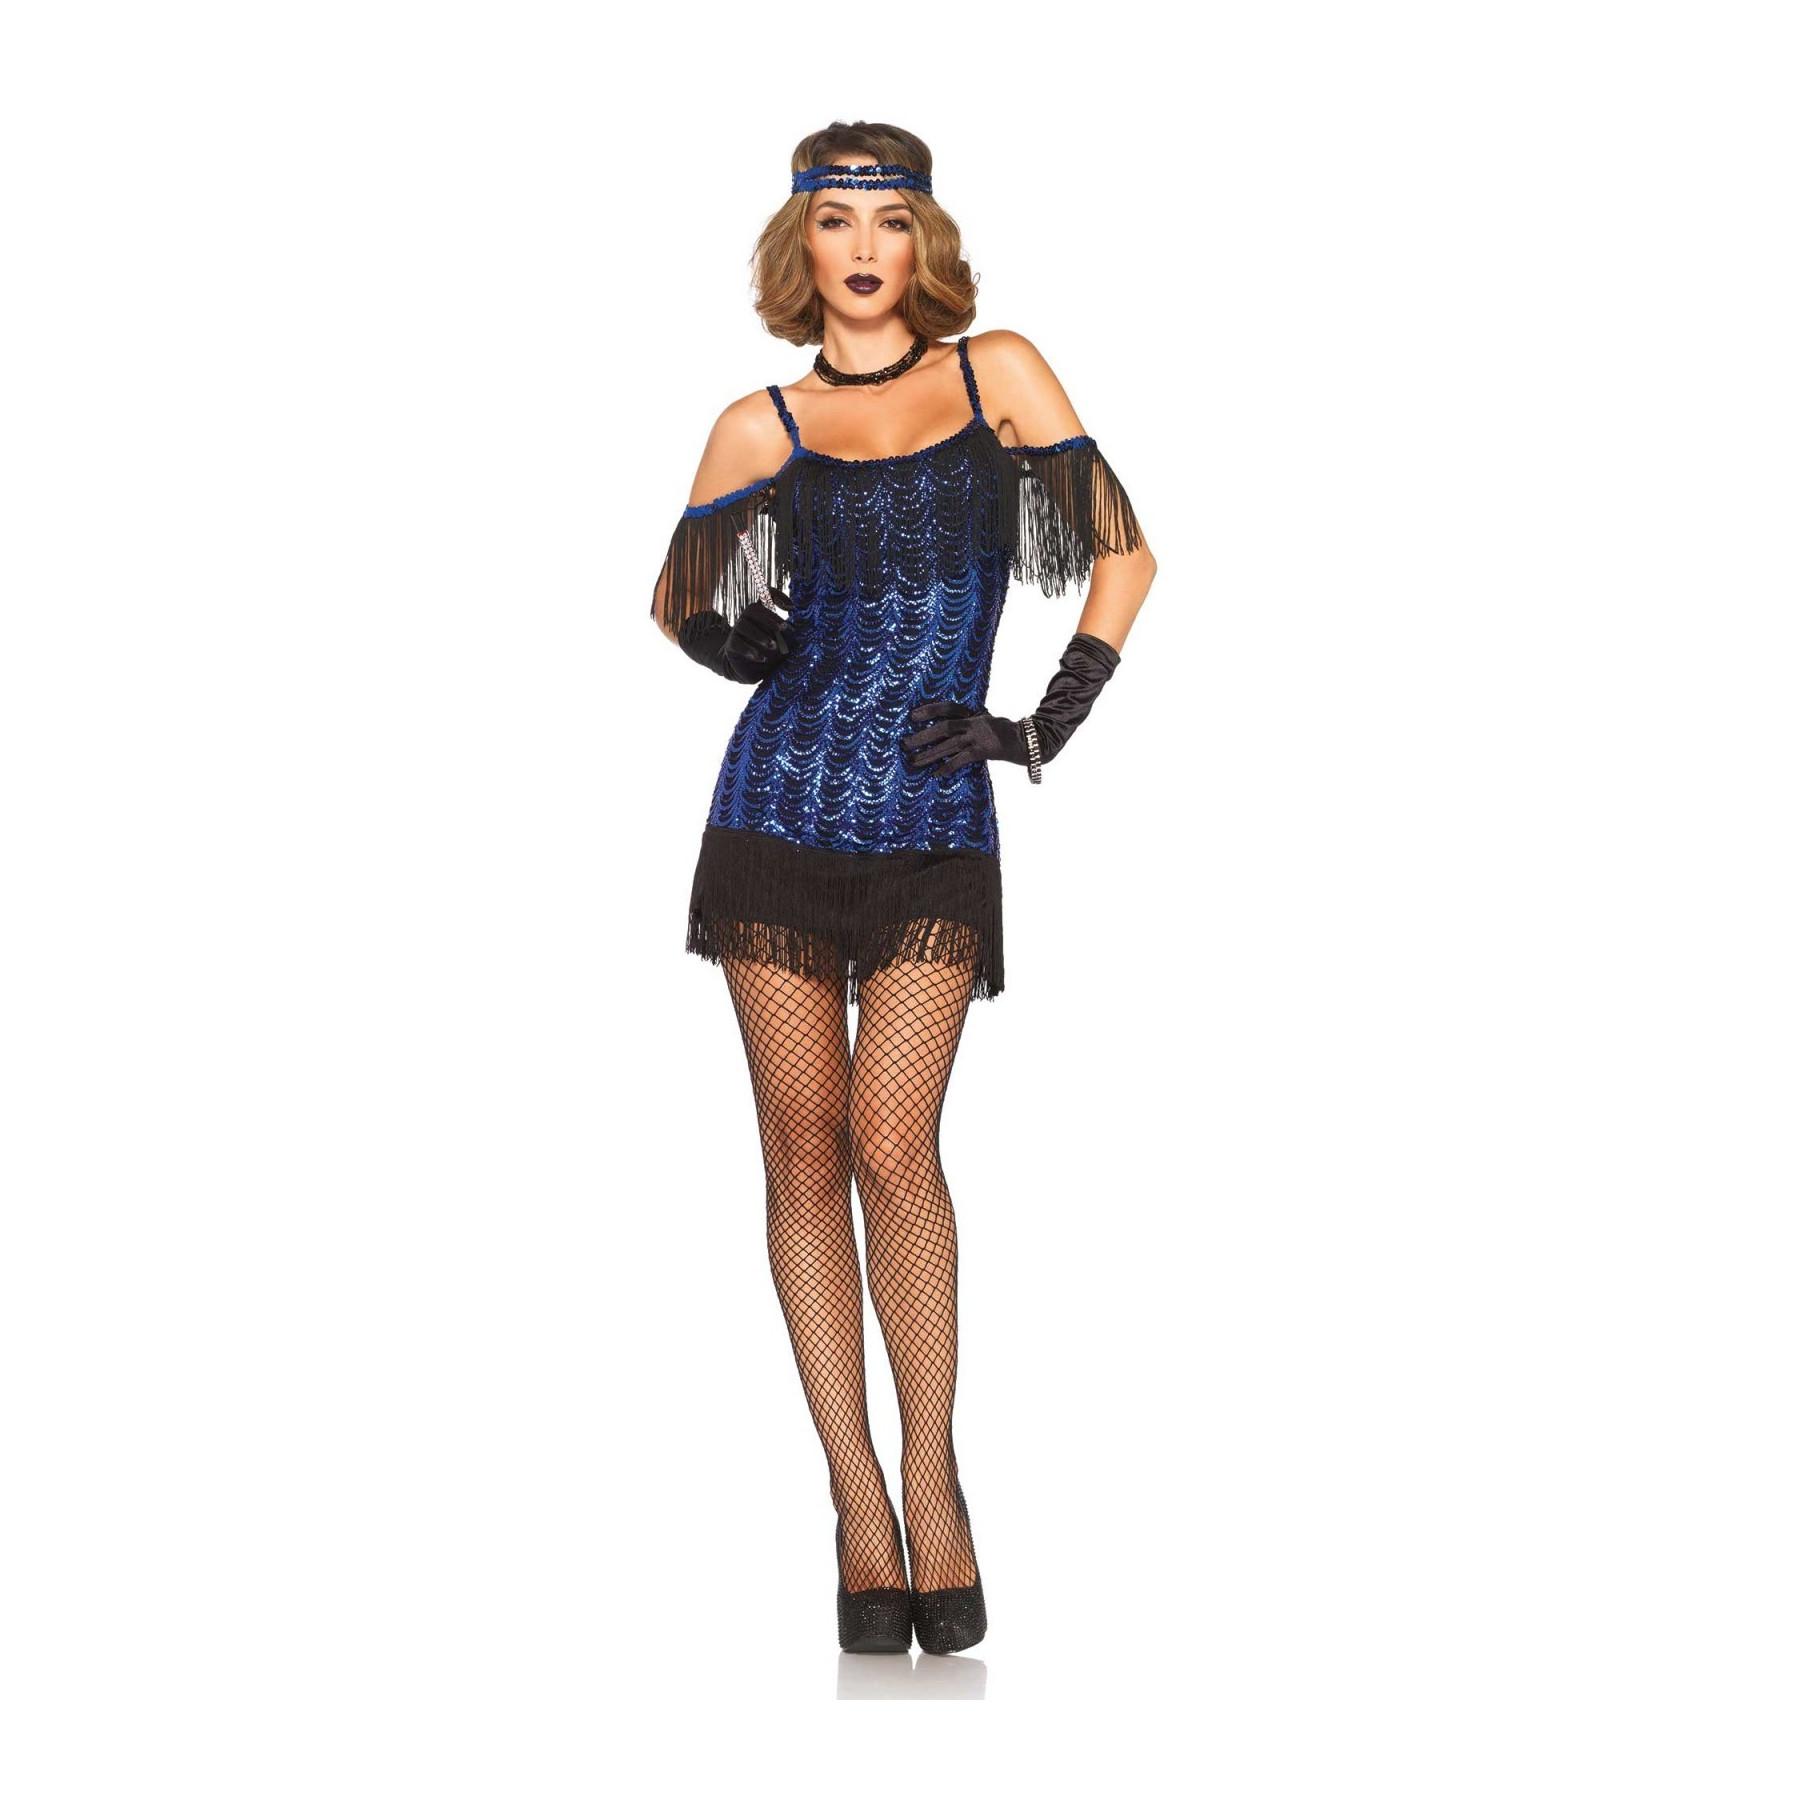 Abito Gatsby - Vestito anni 20 con frange e paillettes